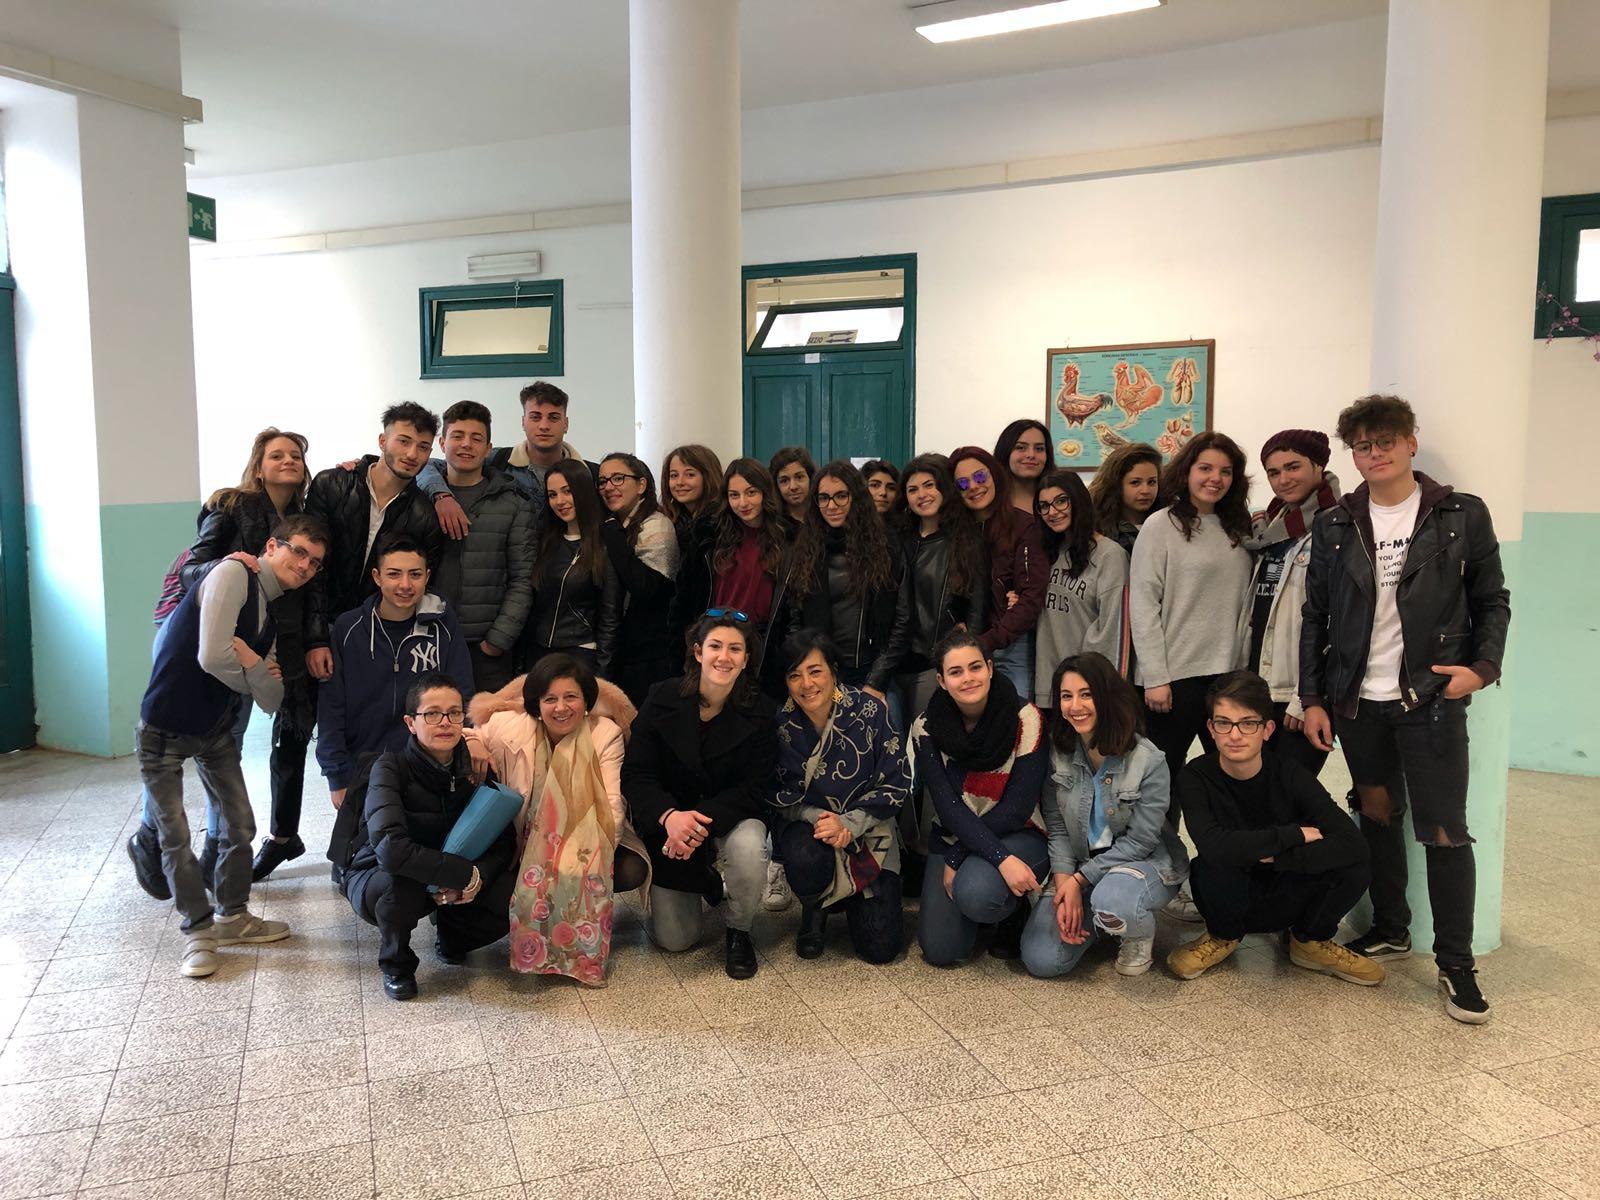 istituto-regina-margherita-experience